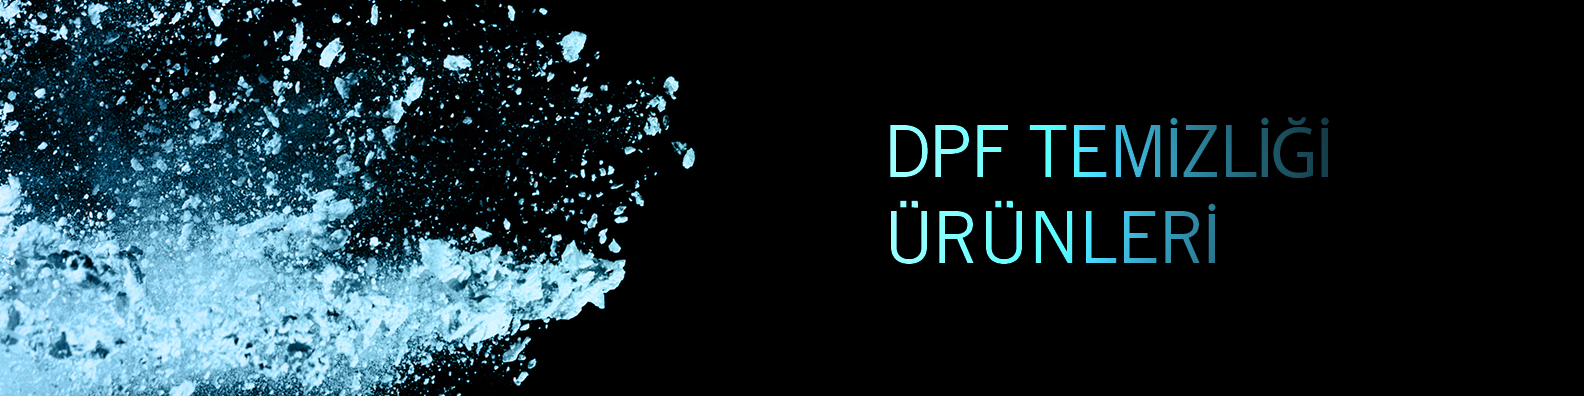 Dpf Temizliği Ürünleri Kategorisi